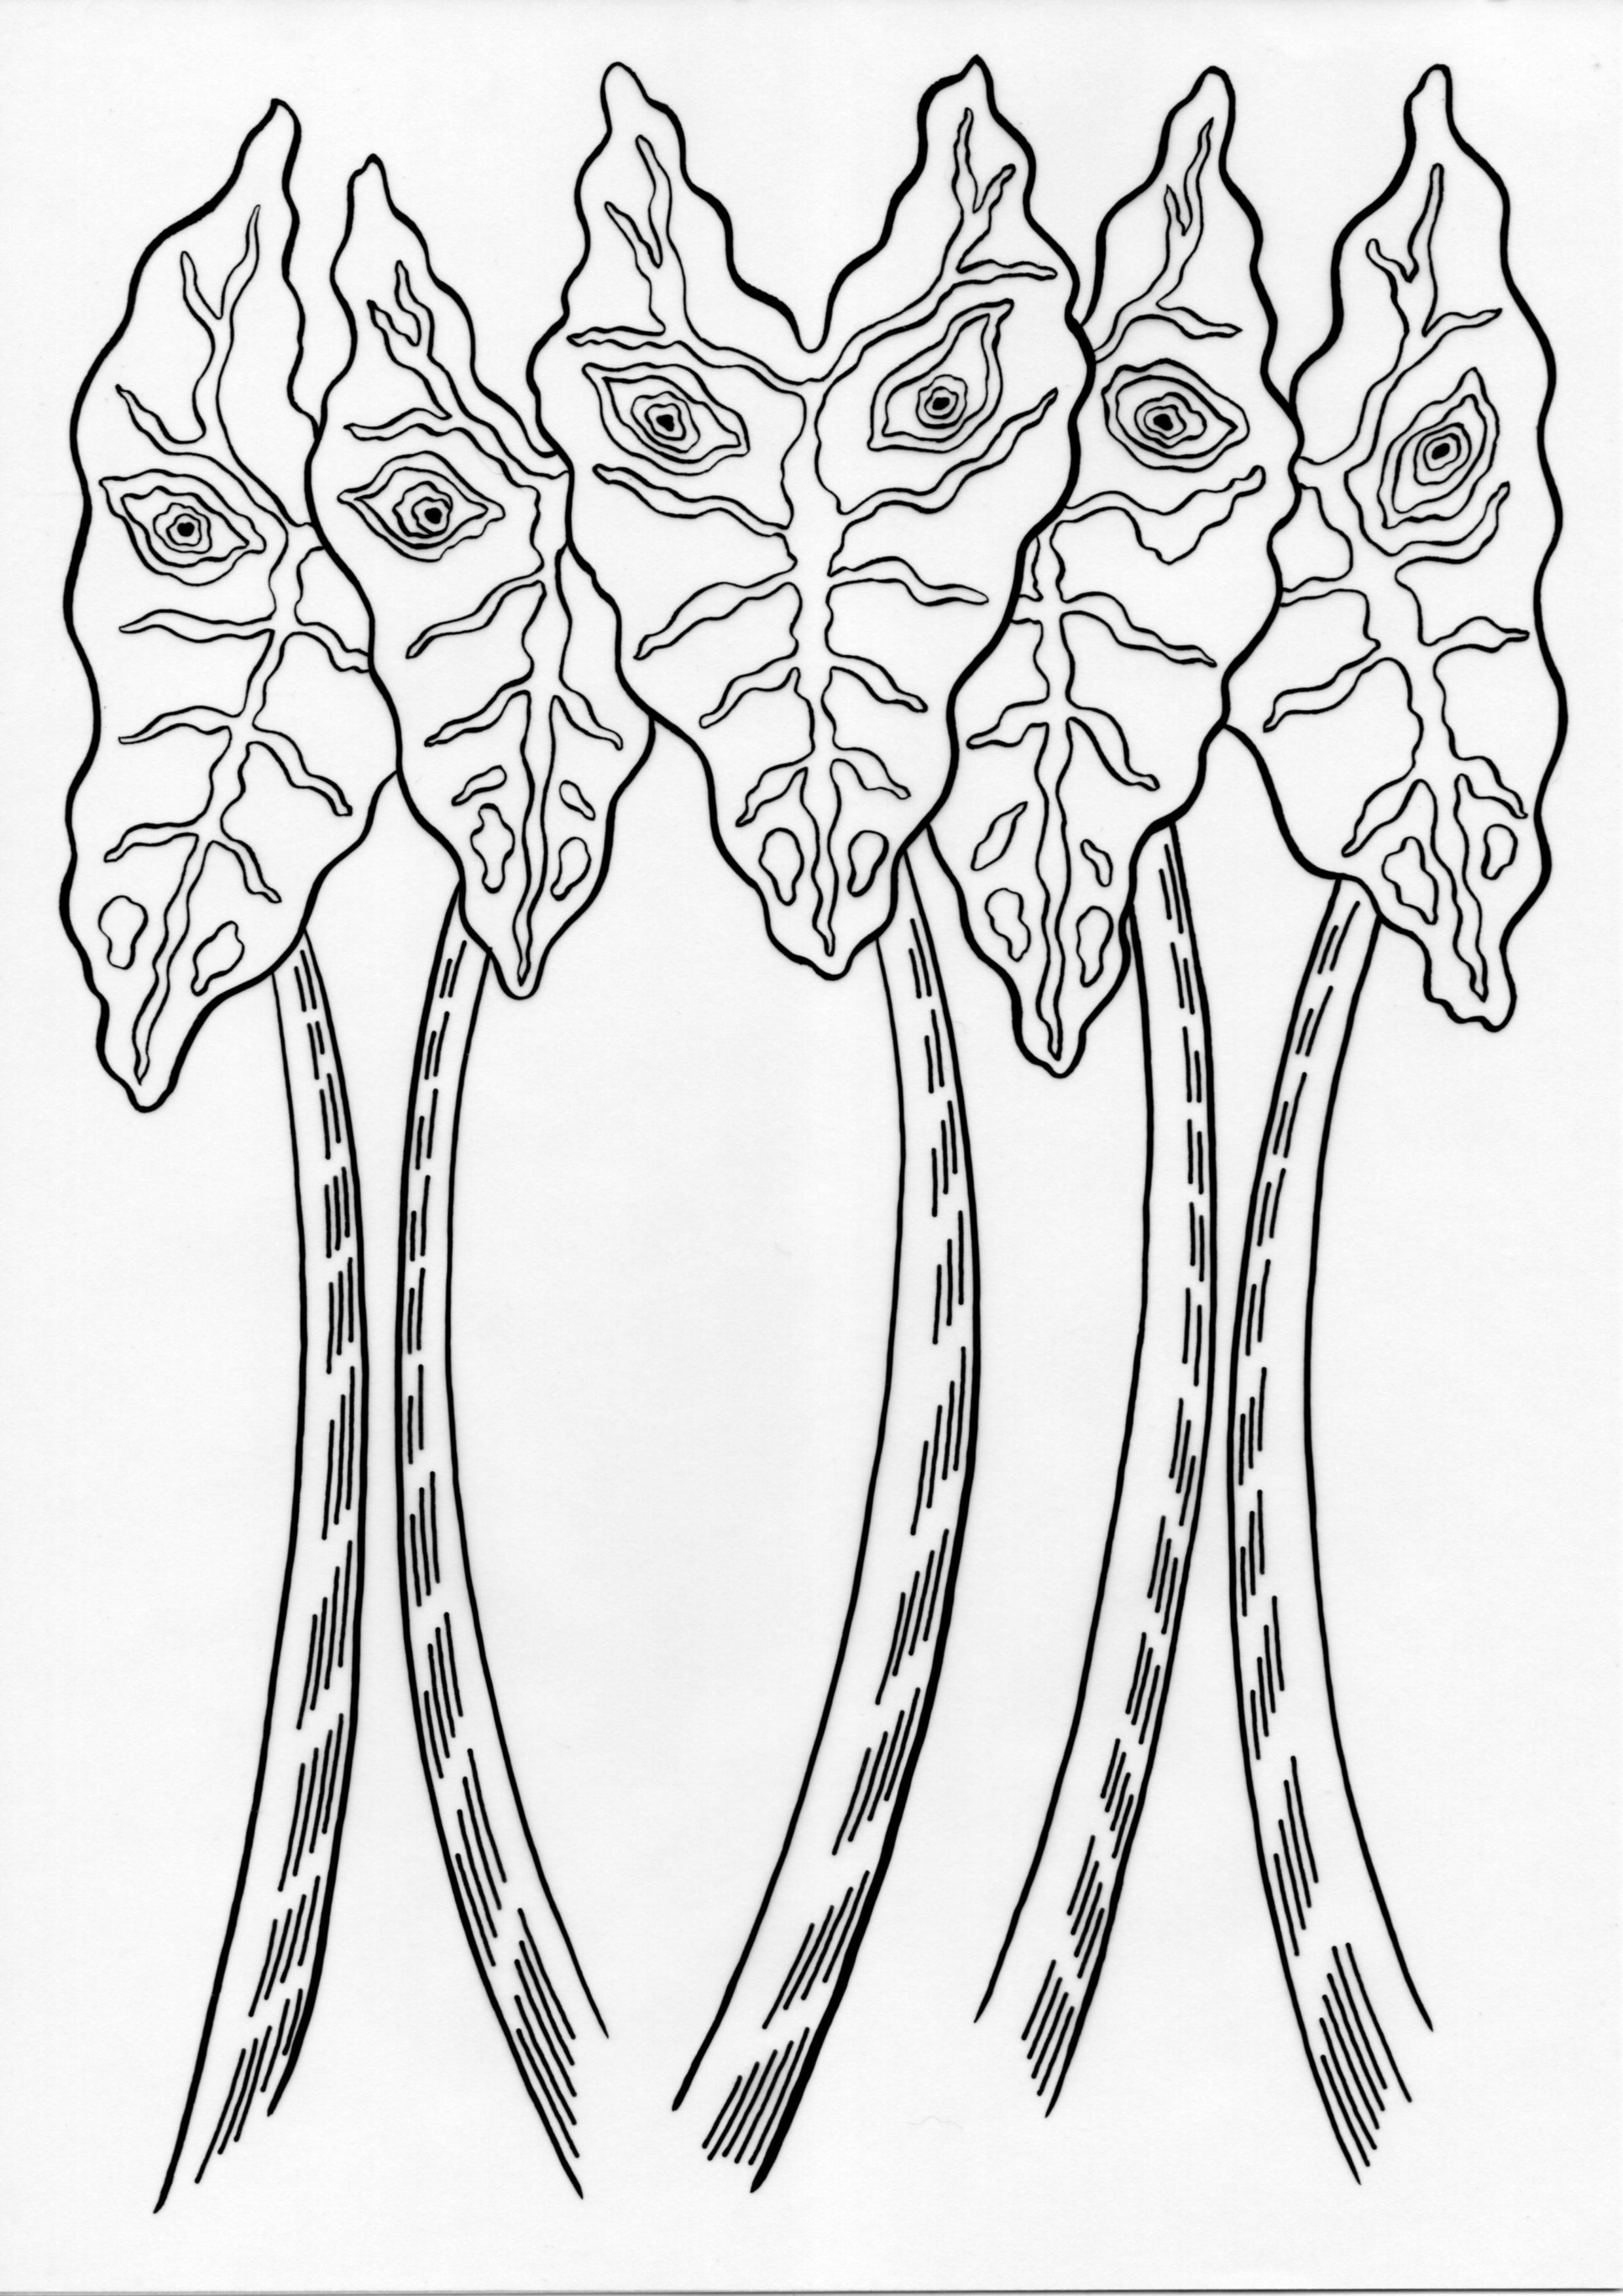 Leering Alocasia – Inked Drawings